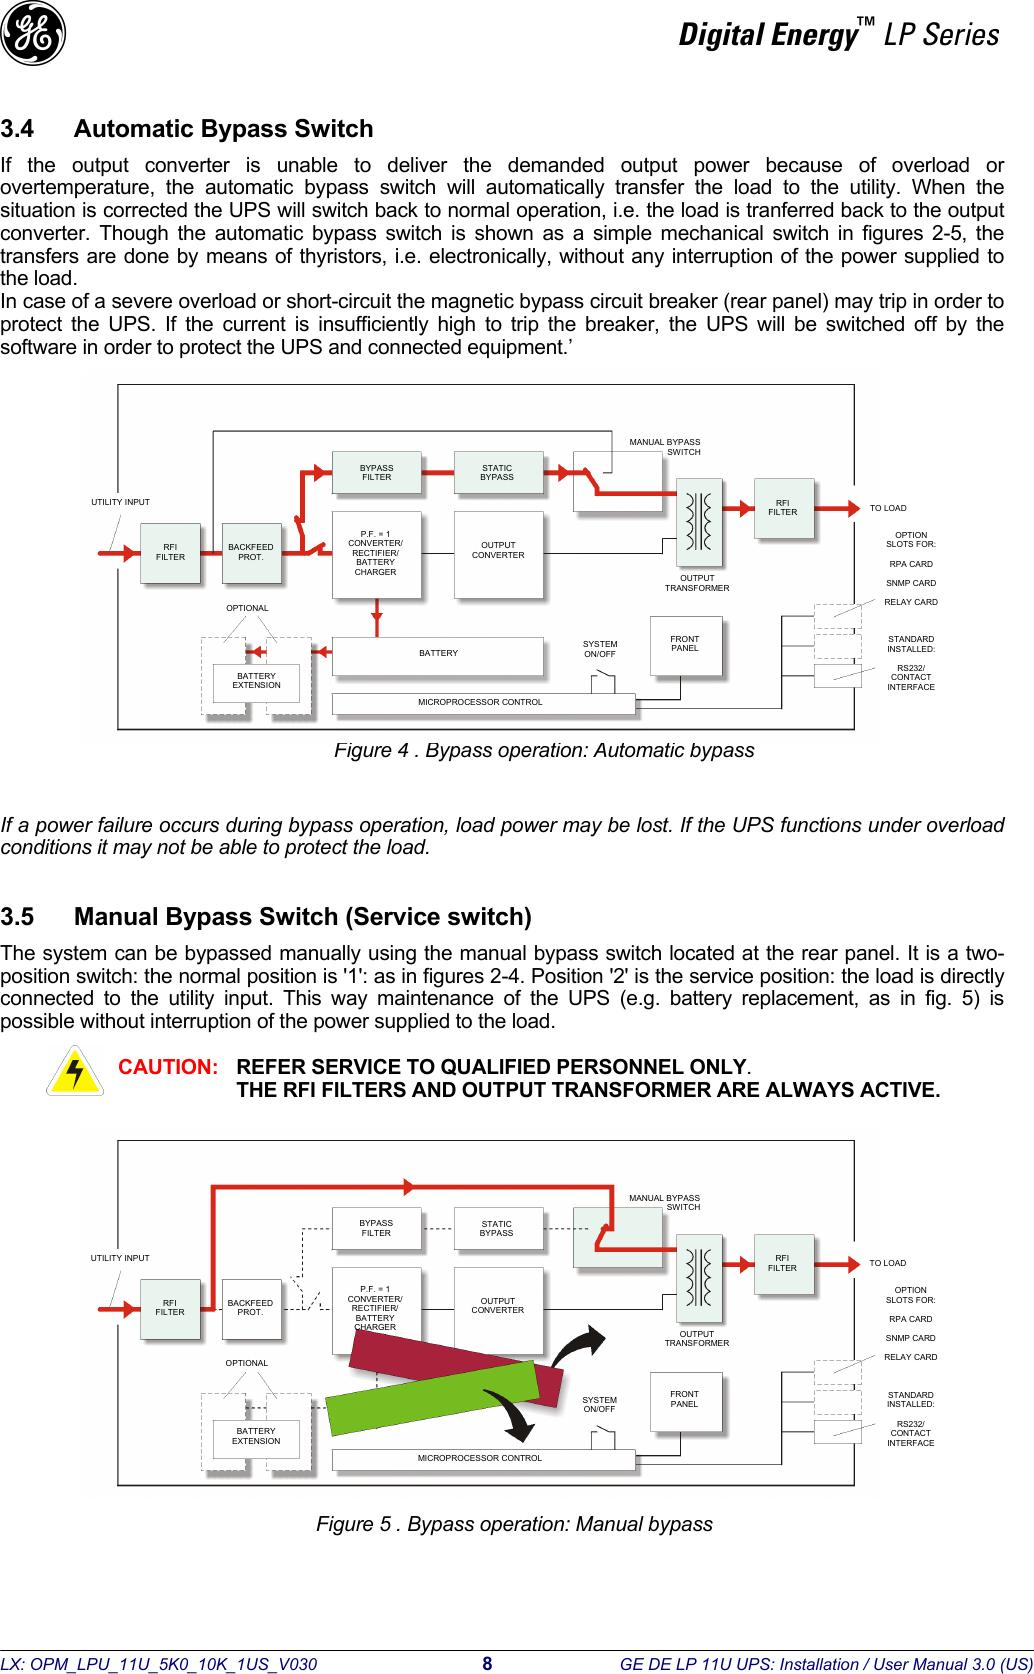 Ge Appliances Digital Energy Lp11U Users Manual